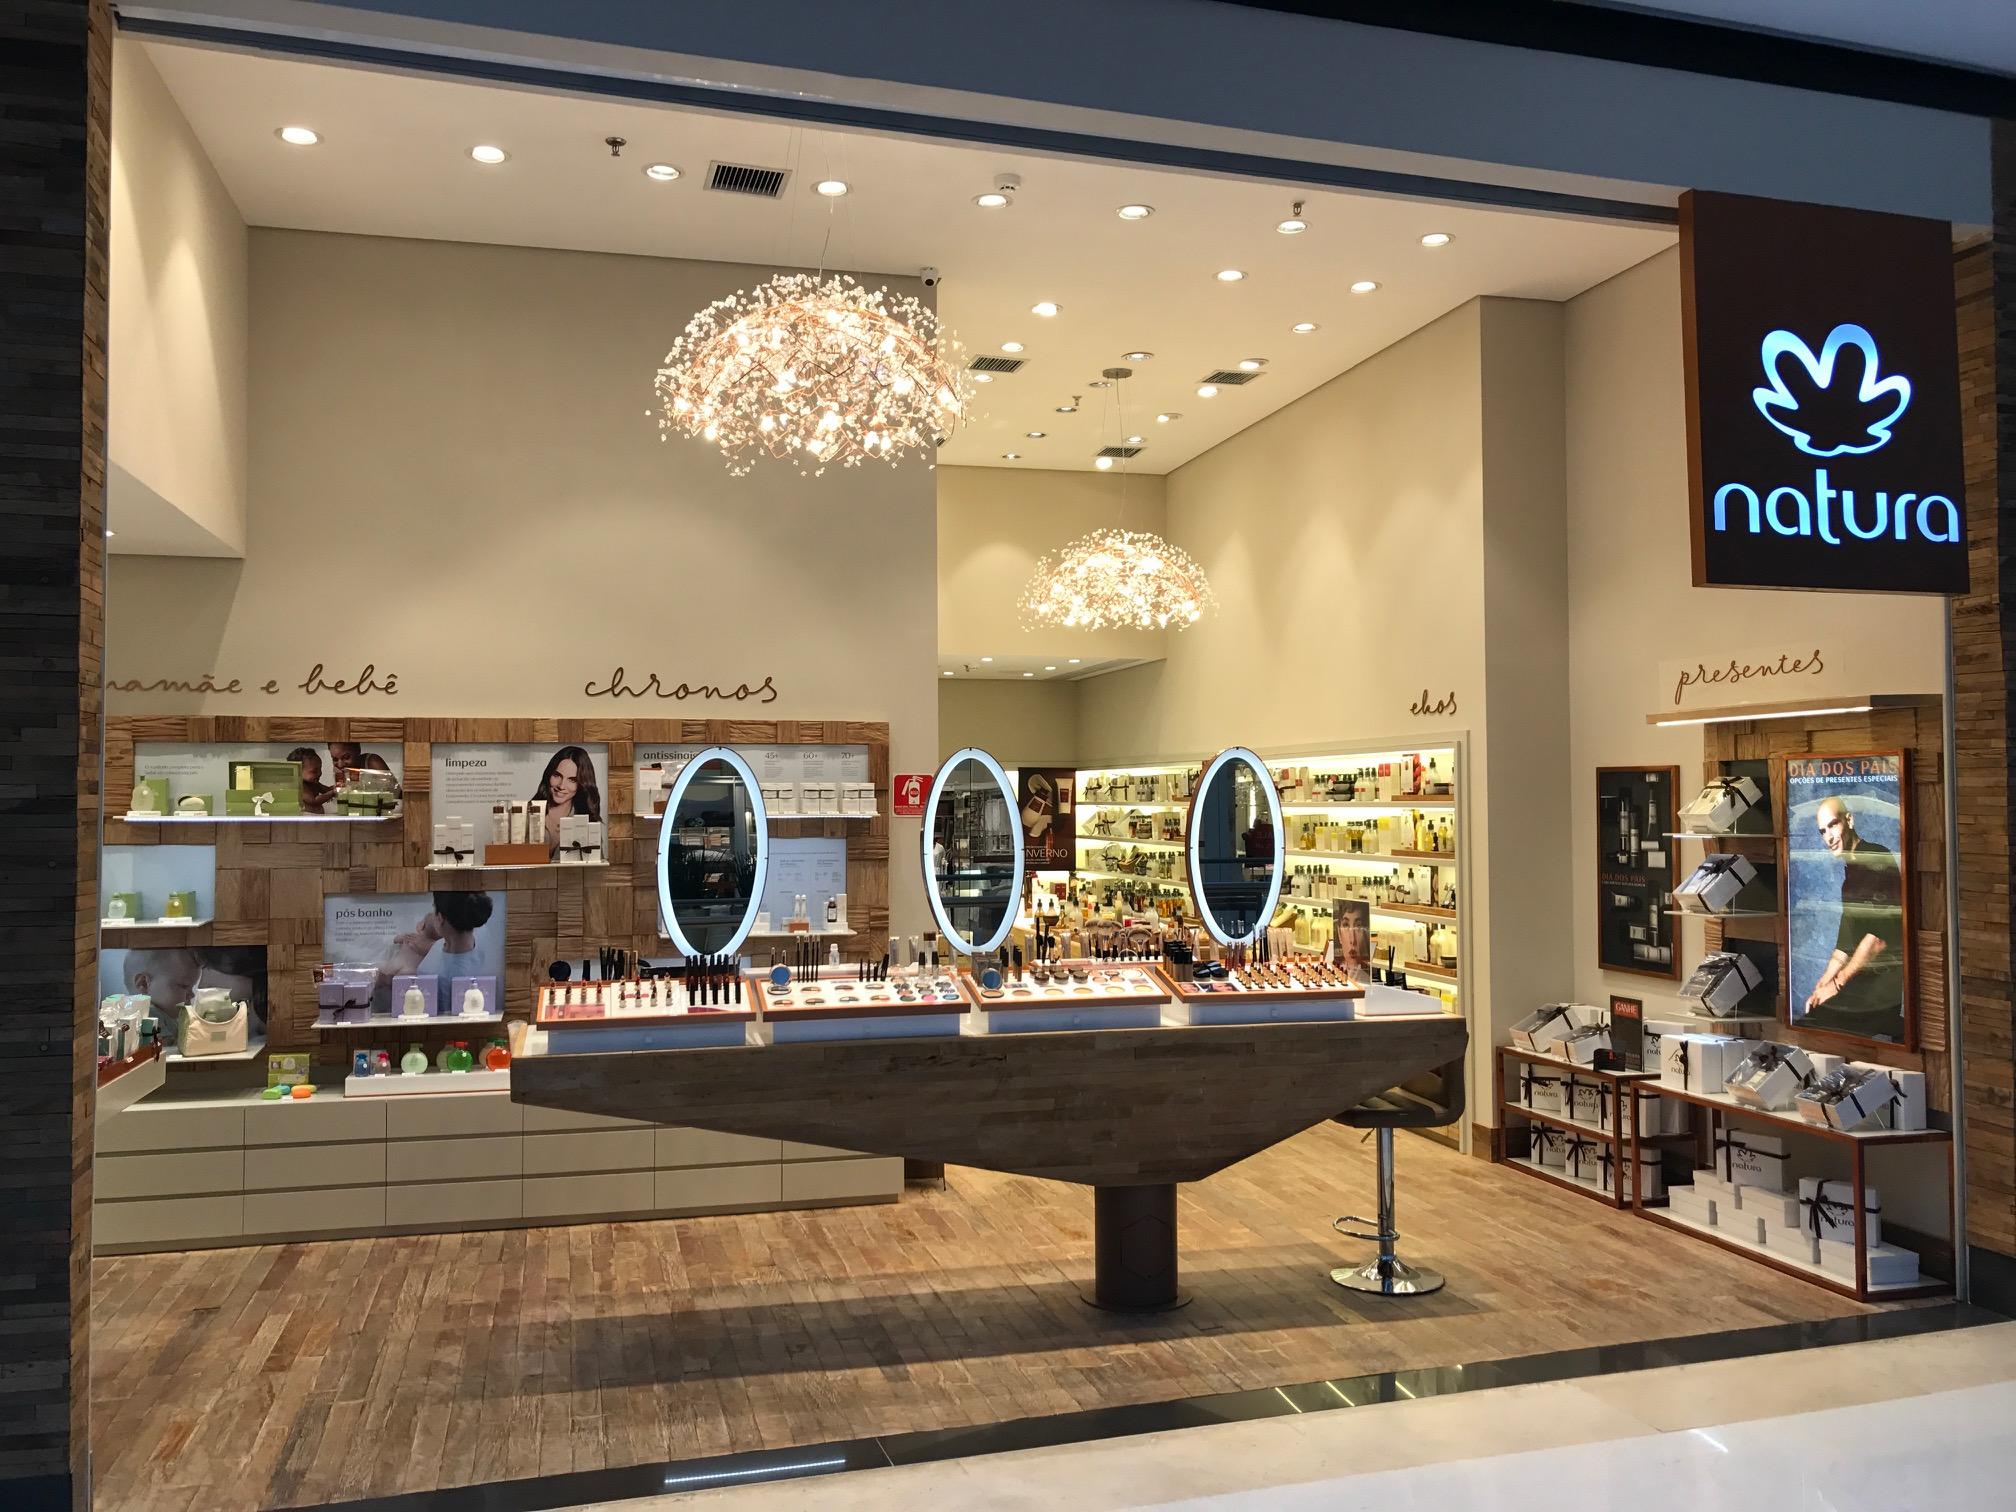 2bb7481d9 Recentemente foi inaugurada uma loja da Natura no Iguatemi Alphaville. É a  primeira em Barueri. O espaço conta com bancada de maquiagem, provadores de  ...